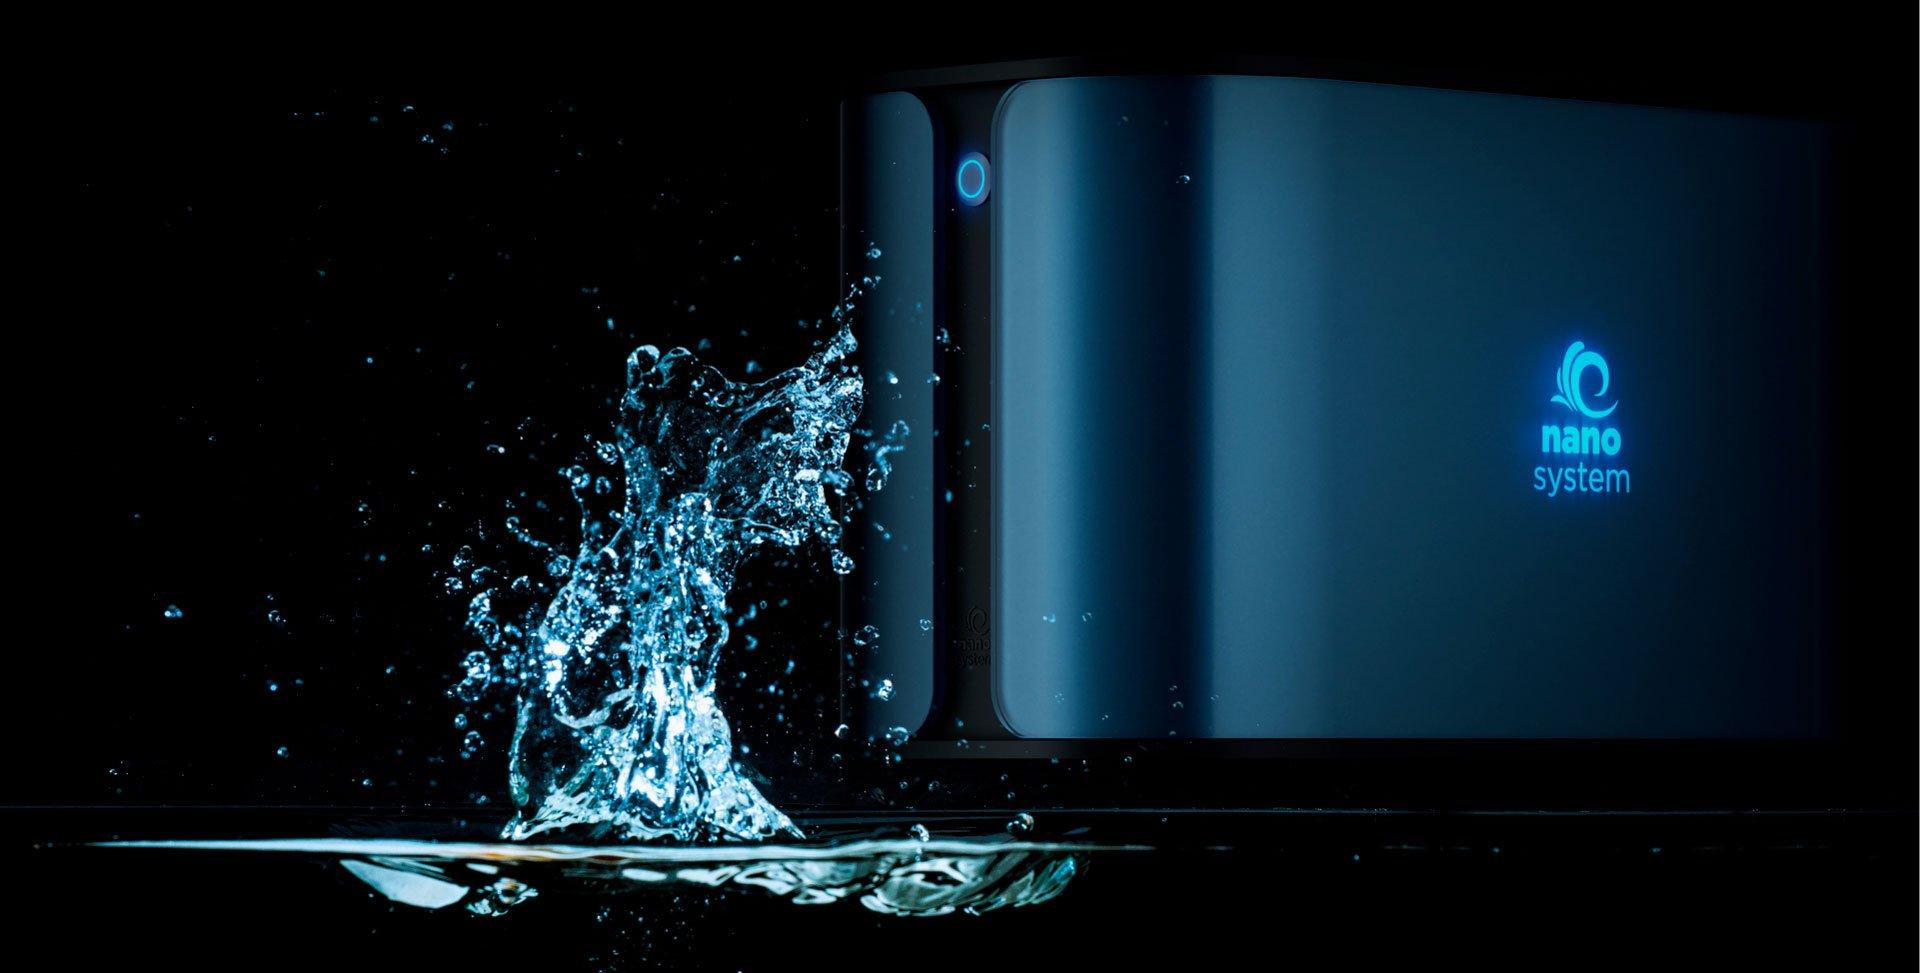 depurare acqua domestica rubinetto nanosystem goccia